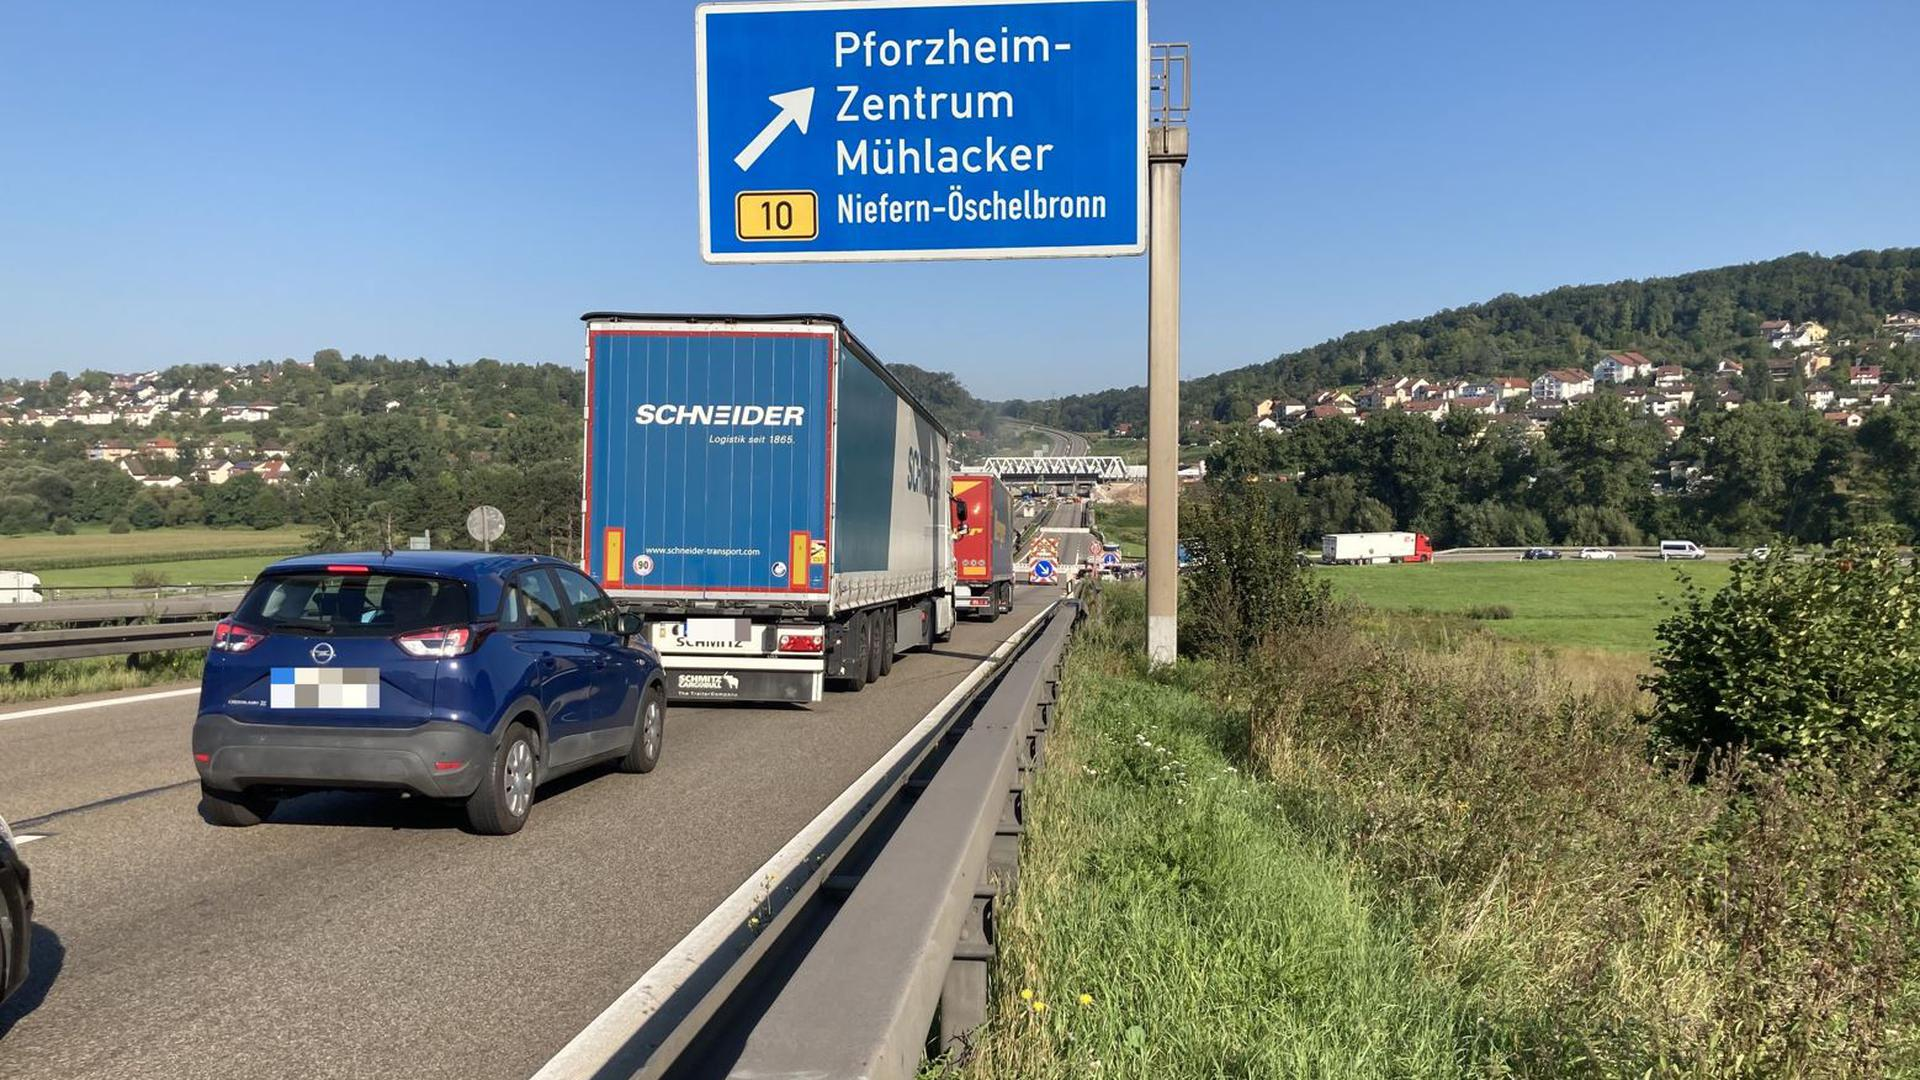 Zäh fließt der Verkehr am Samstagmorgen auf der A8 bei Pforzheim-Eutingen.